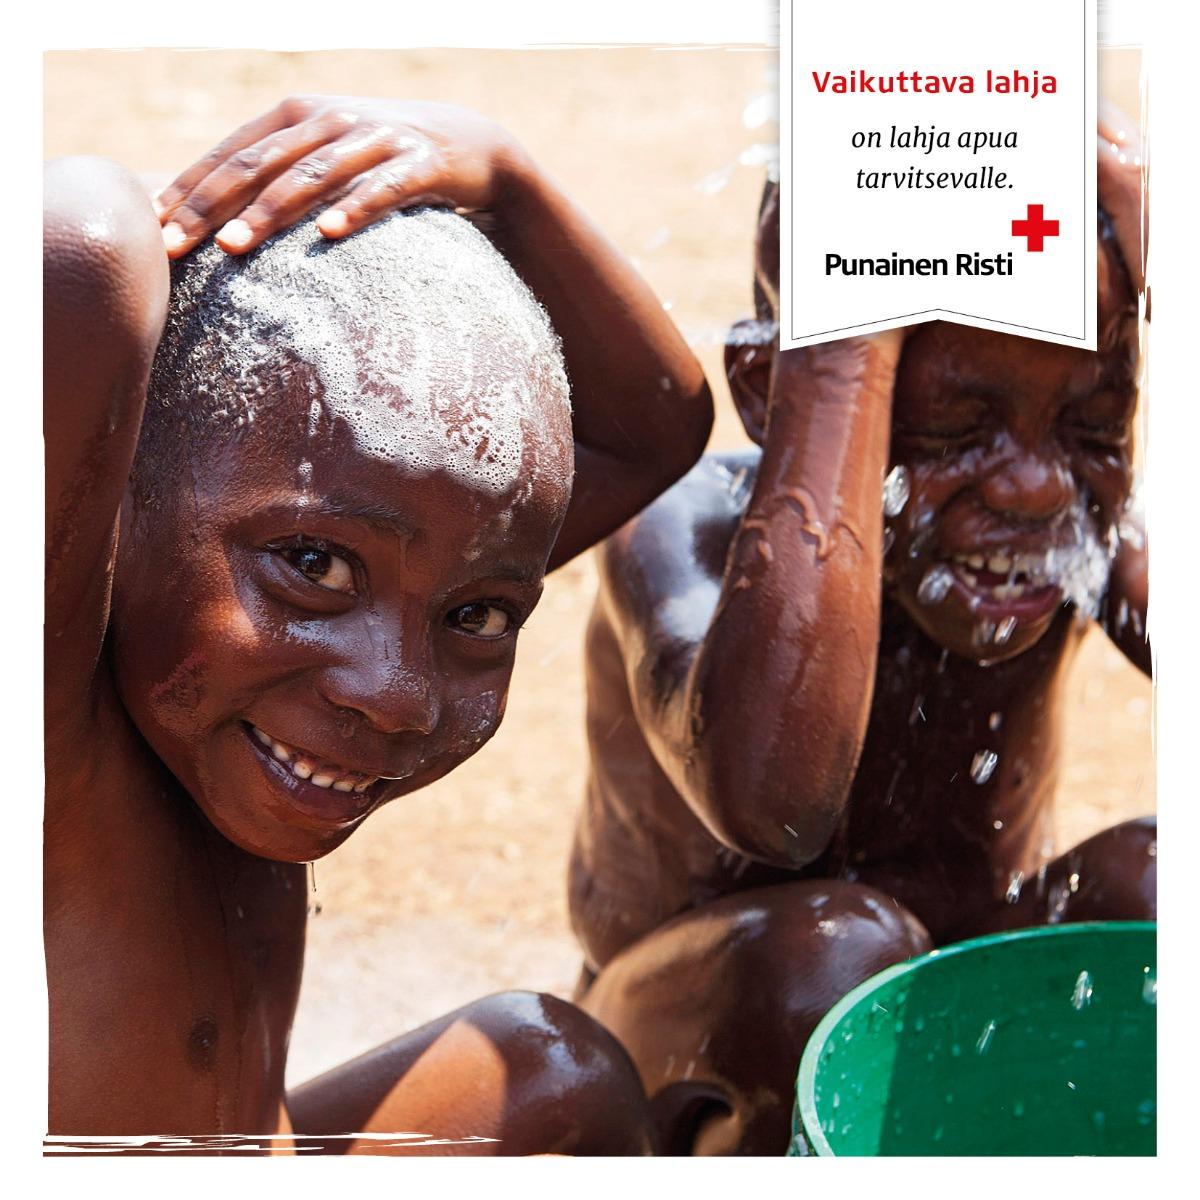 Hygienpaket för en flyktingfamilj FI, 12 €/st